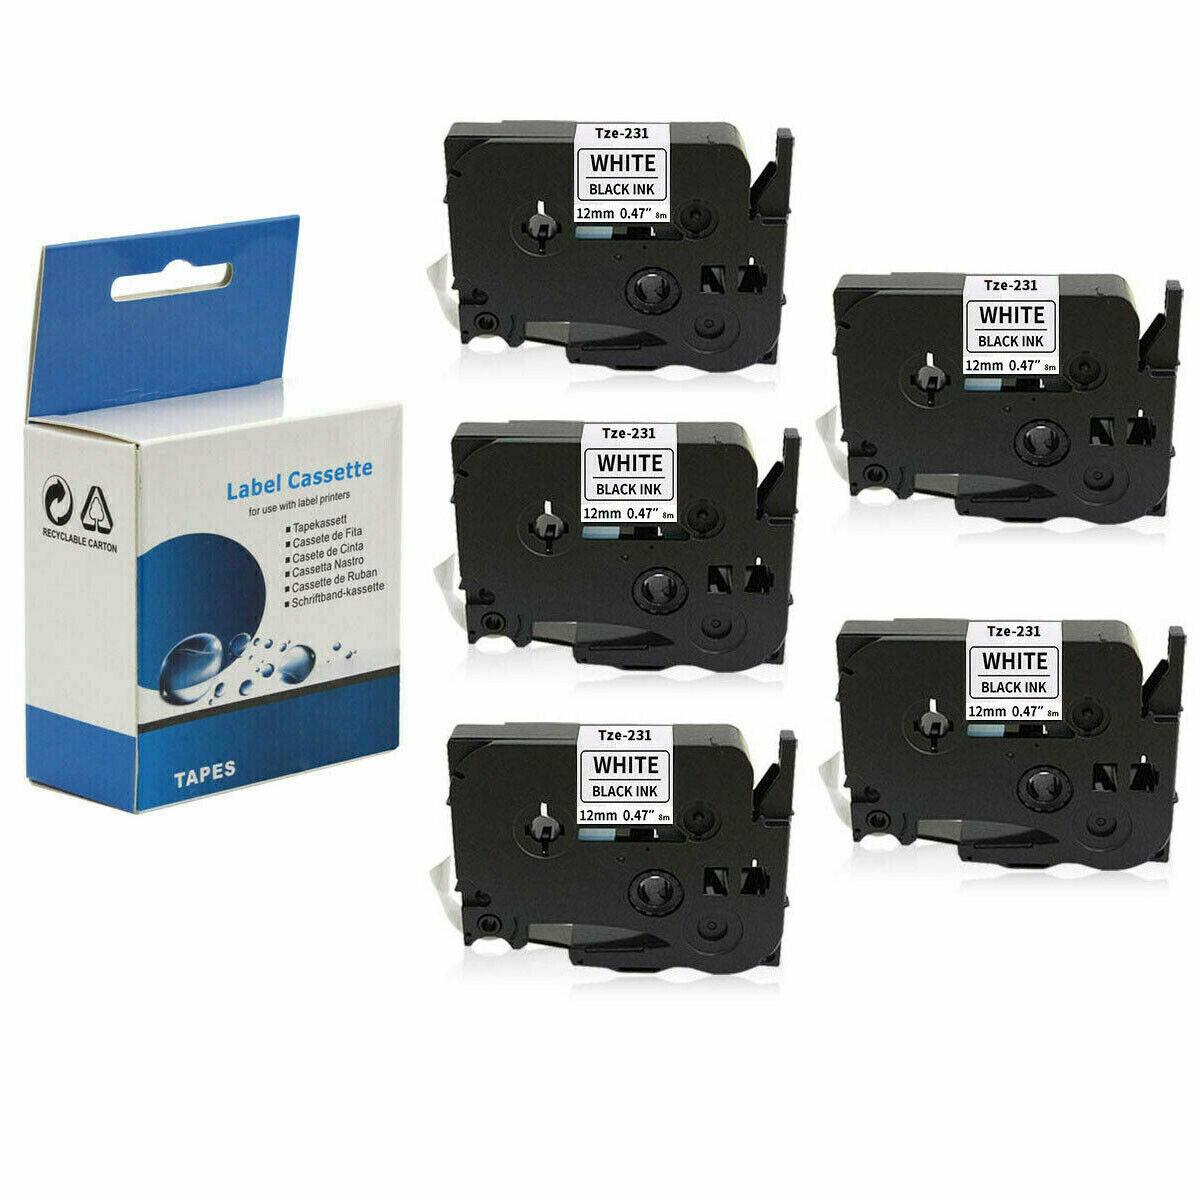 5x SCHRIFTBAND KASSETTE 12mm für BROTHER TZ-231 P-Touch 2430PC Black Edition